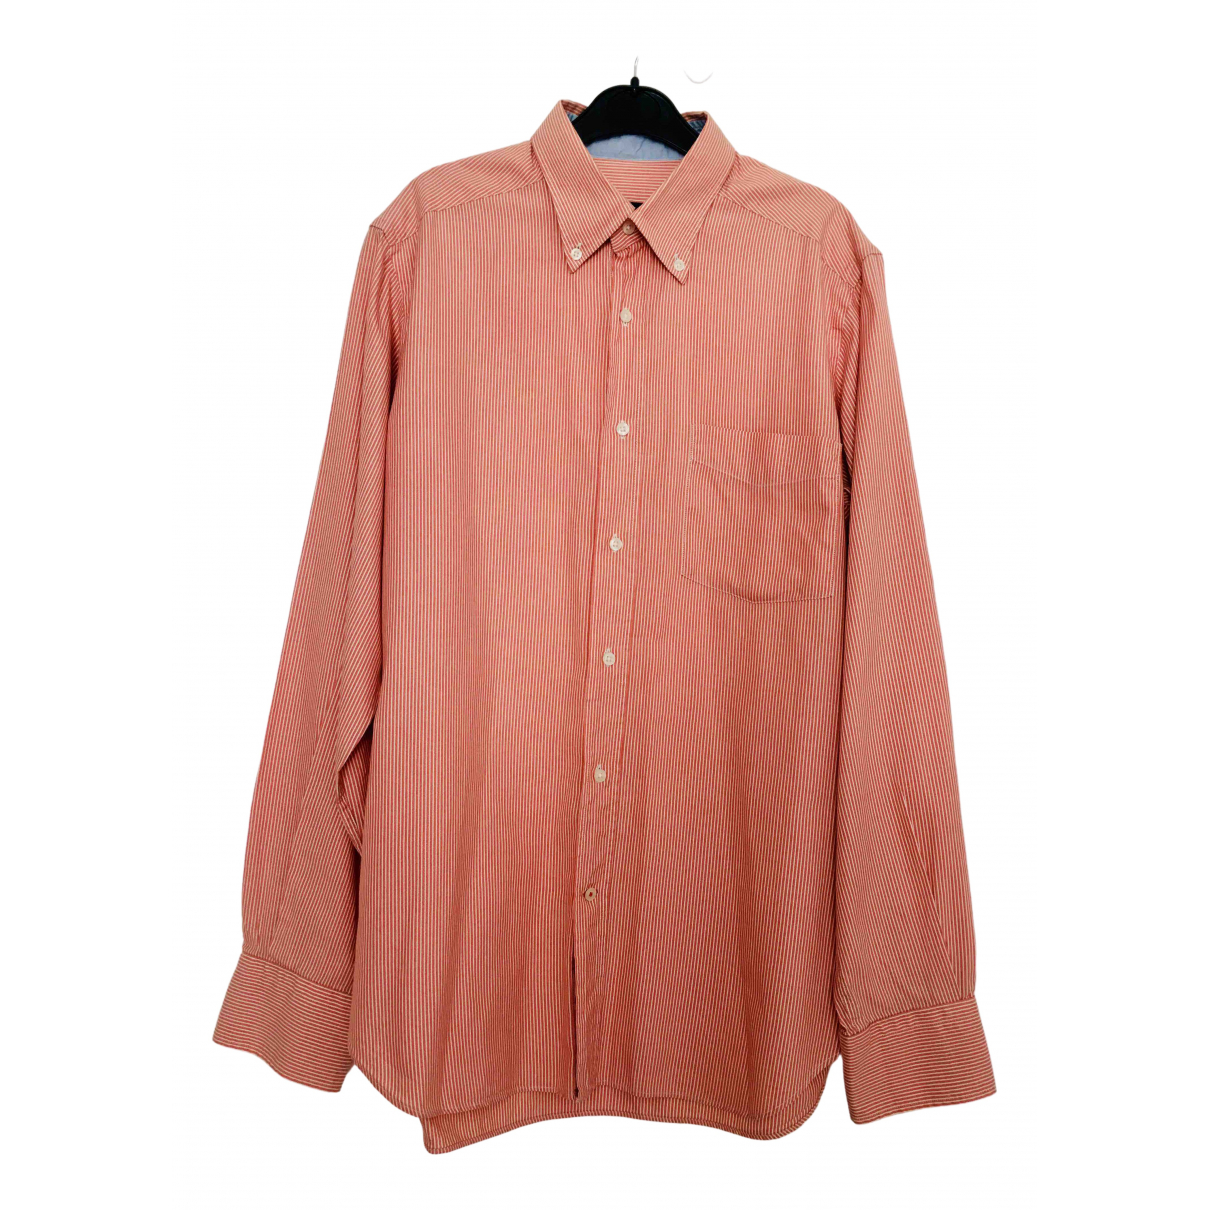 Massimo Dutti - Chemises   pour homme en coton - orange